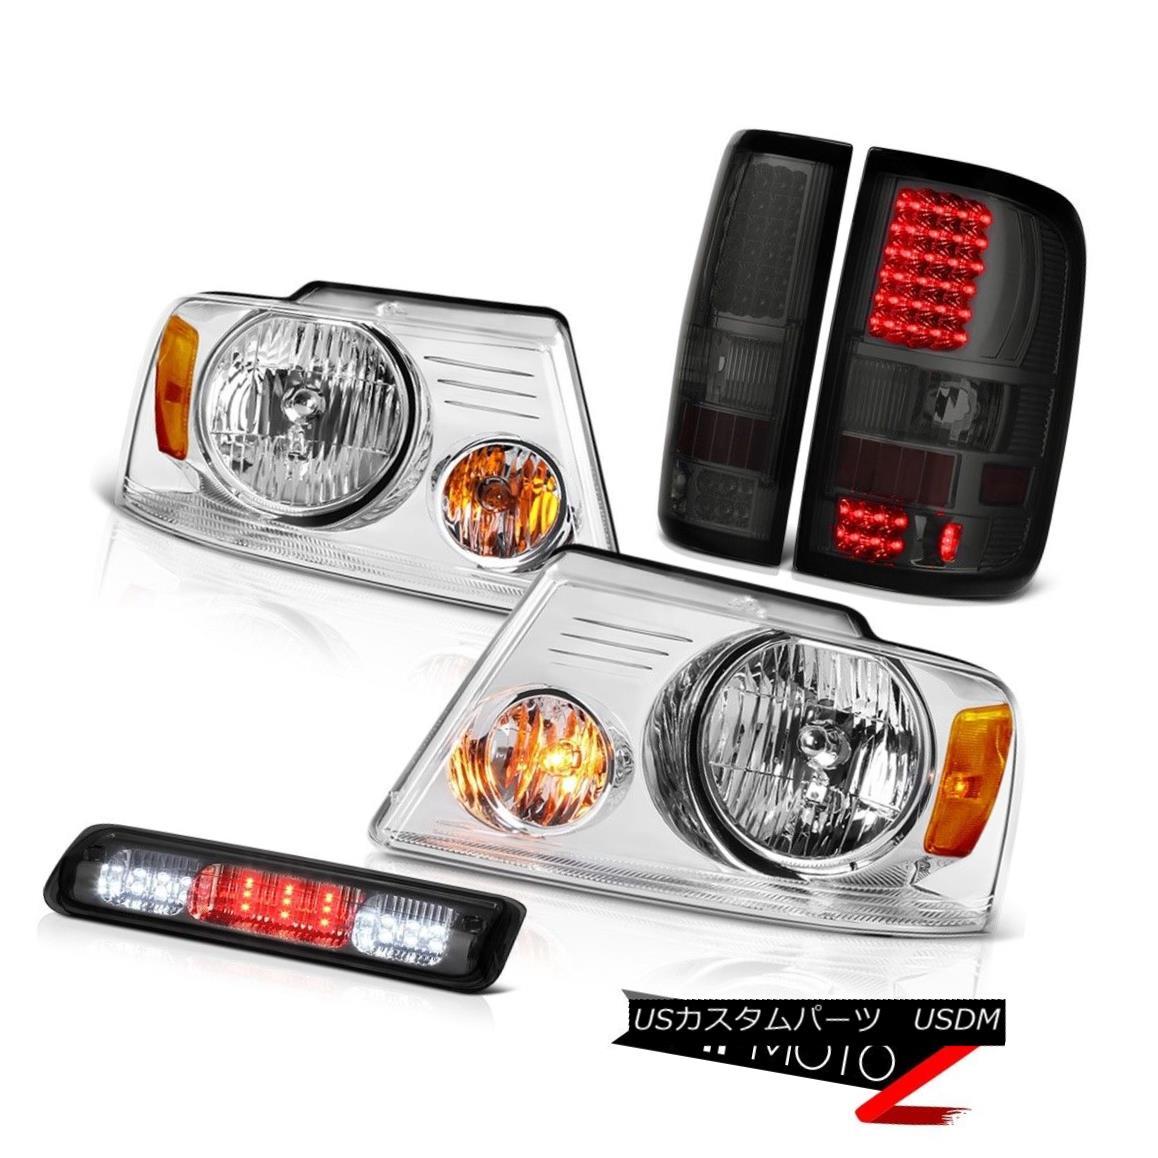 テールライト 04-08 Ford F150 XL Roof Cab Lamp Crystal Clear Headlamps Tail Lamps